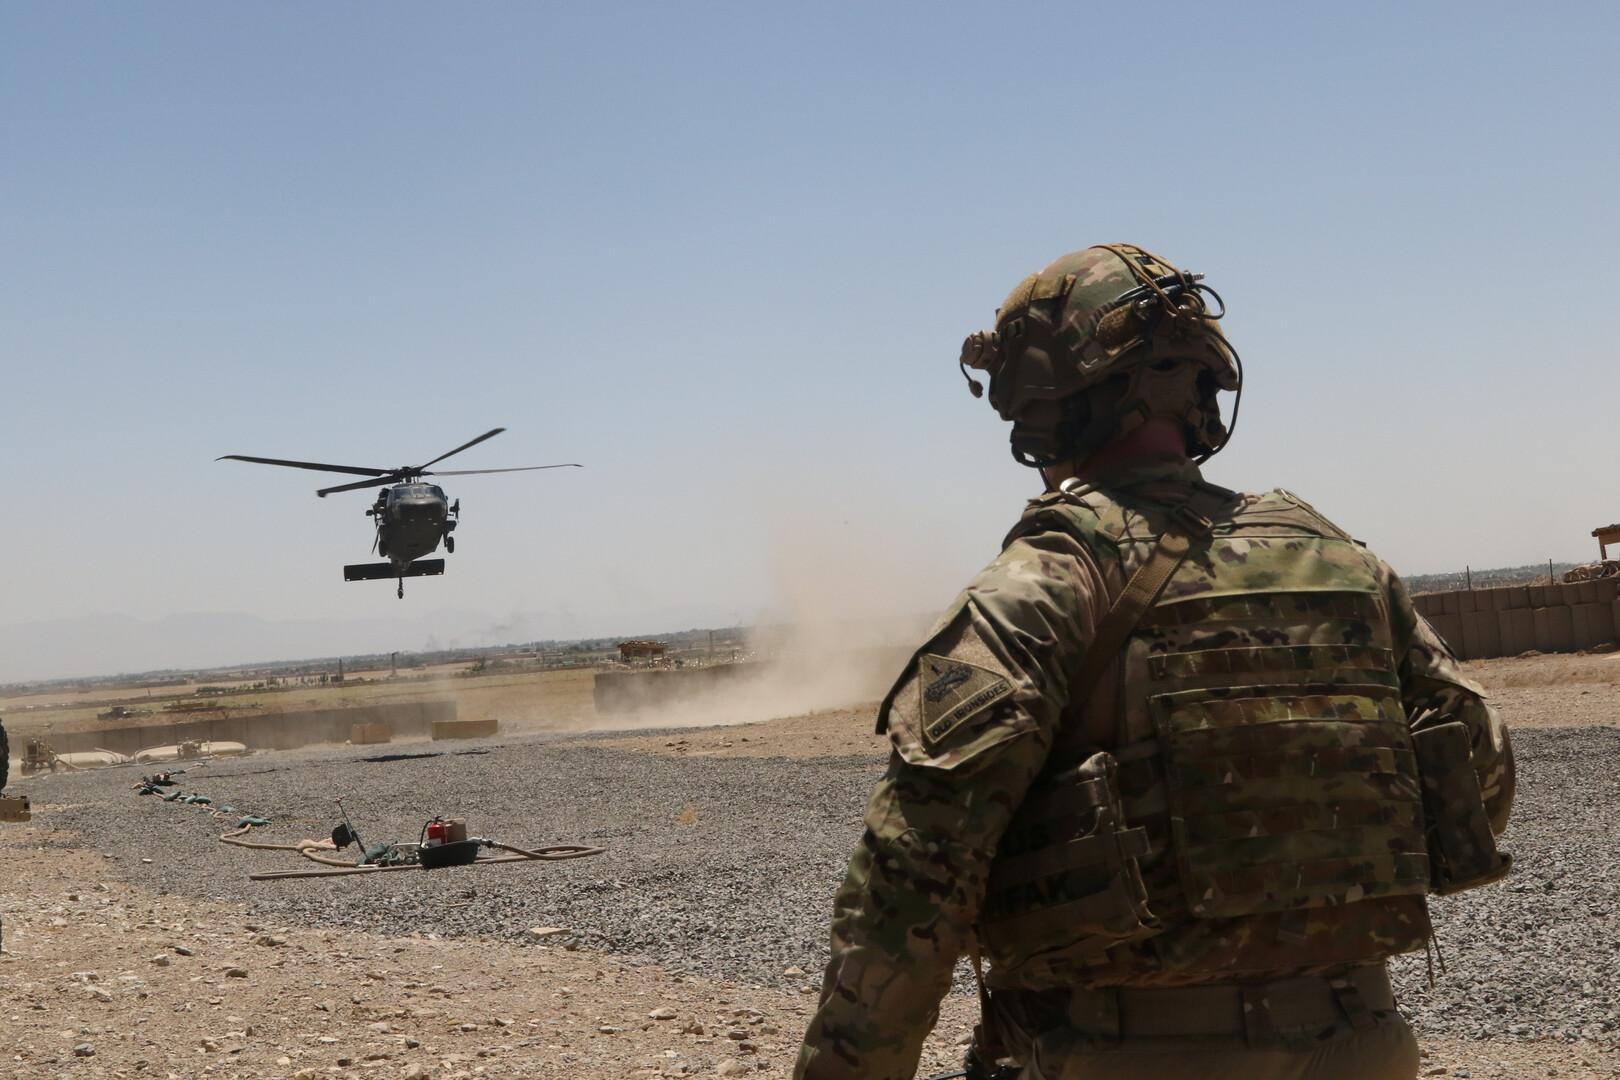 ما حاجة القوات الأمريكية الخاصة إلى قاعدة سرية قرب حدود روسيا